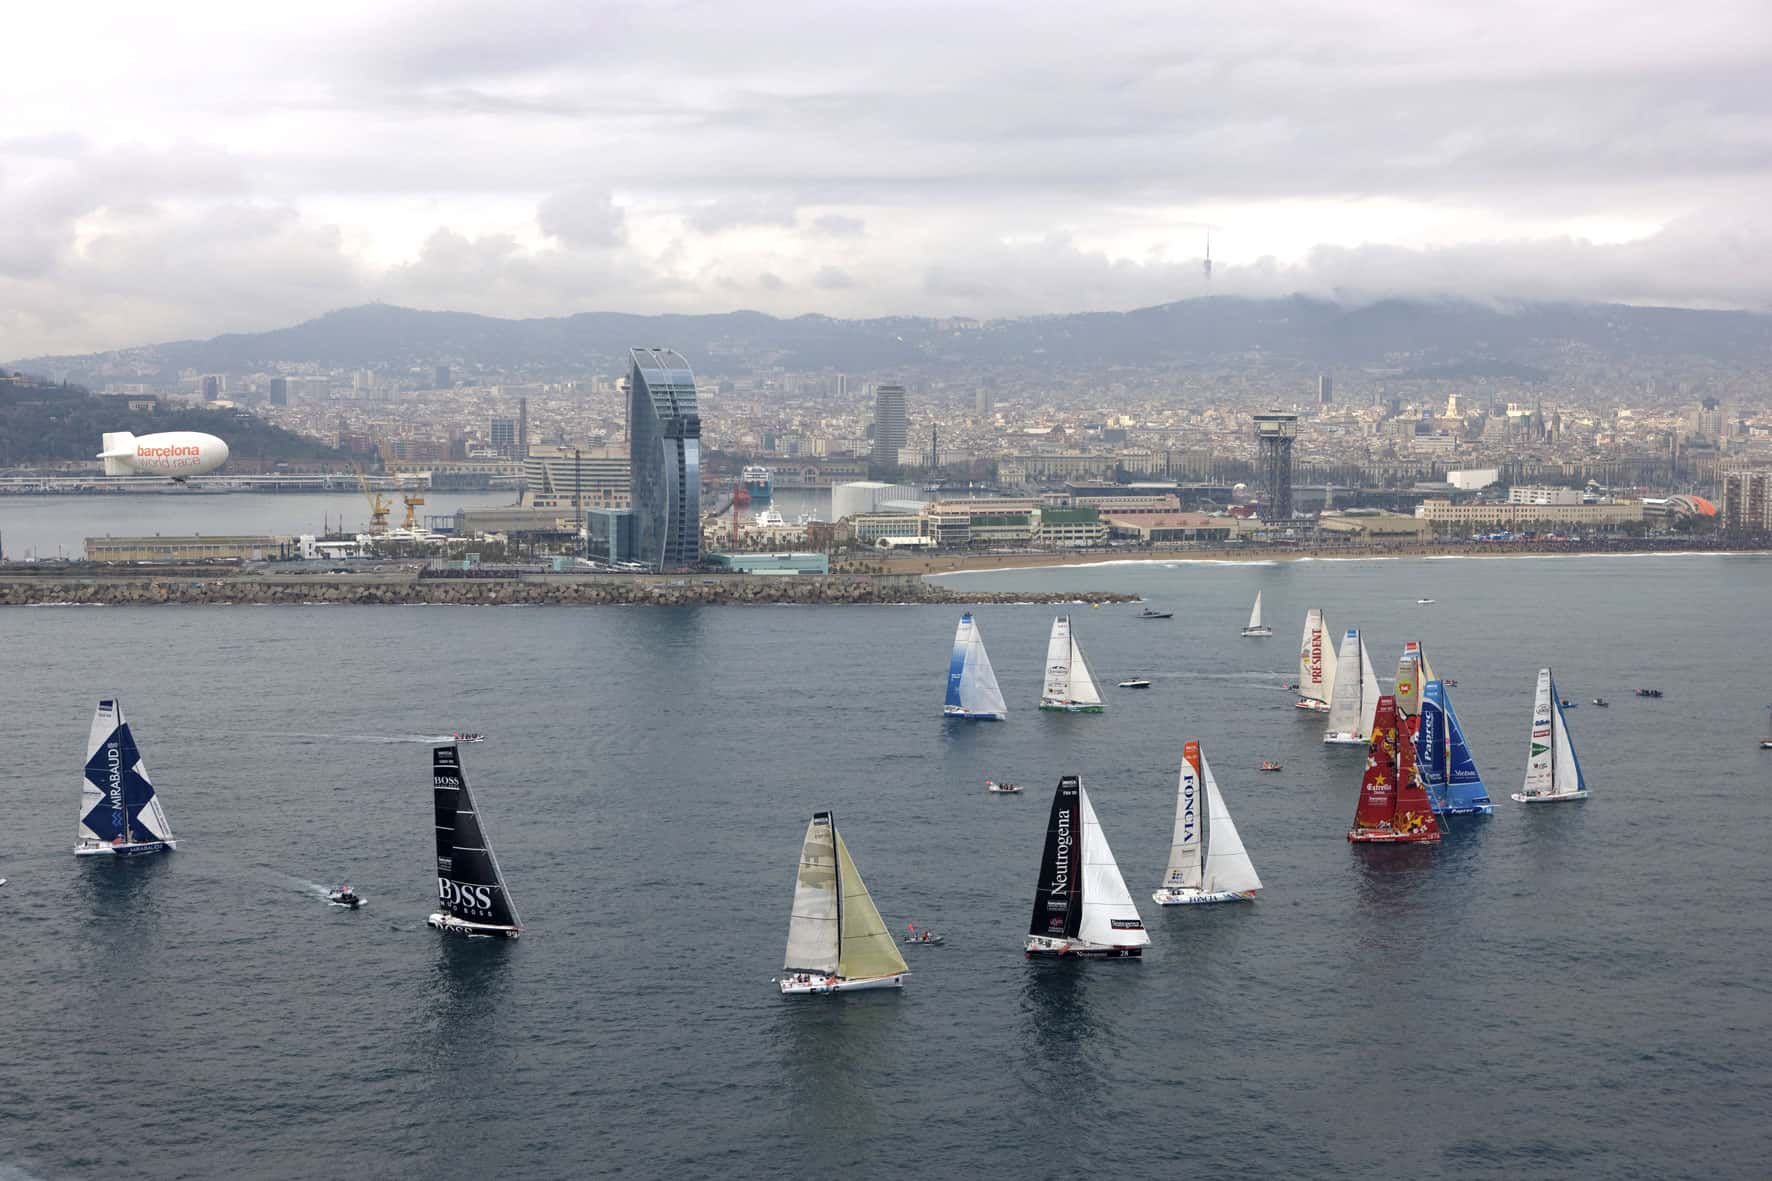 Aprobados los incentivos fiscales para el patrocinio de la próxima Barcelona World Race (2022-2023)